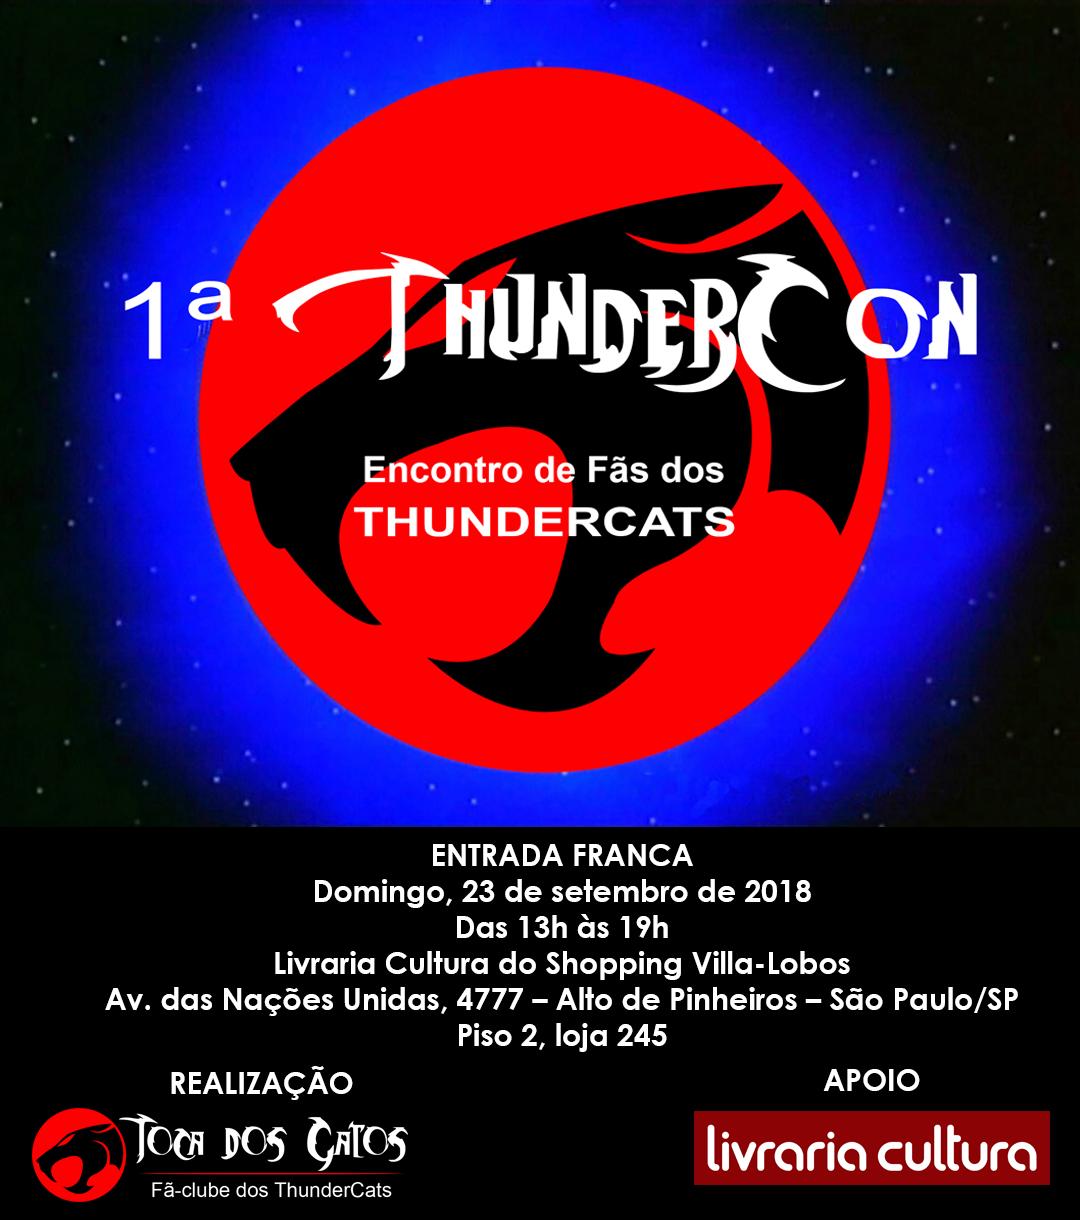 1ª ThunderCon  Encontro de Fãs dos ThunderCats ~ Revista Conexão ... e493d84cdbc64